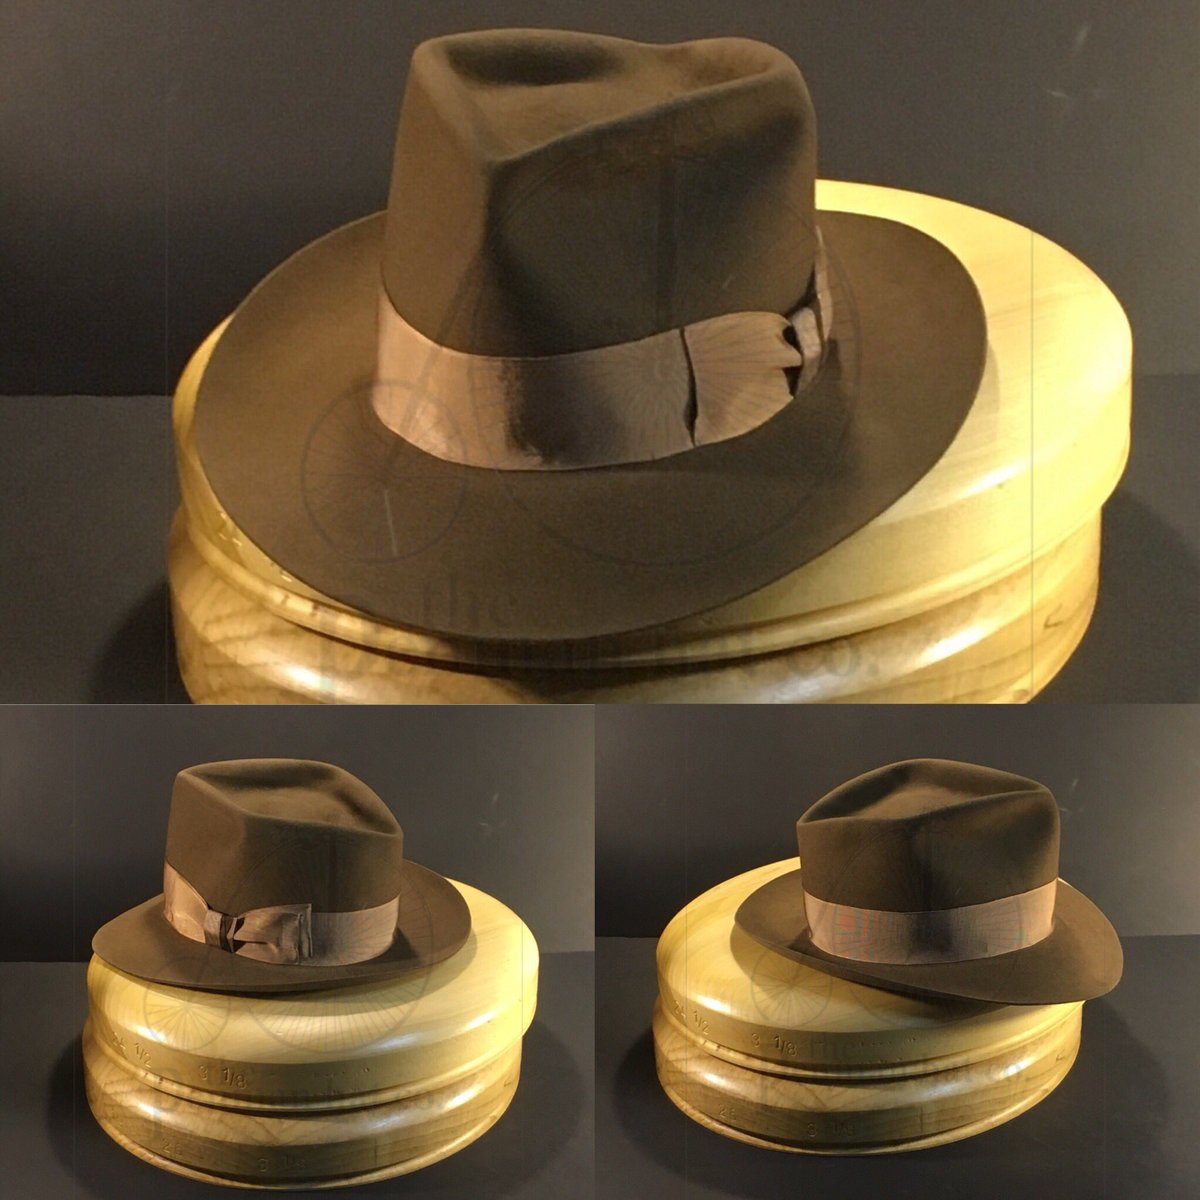 184cef452 Penman Hat Company on Twitter: